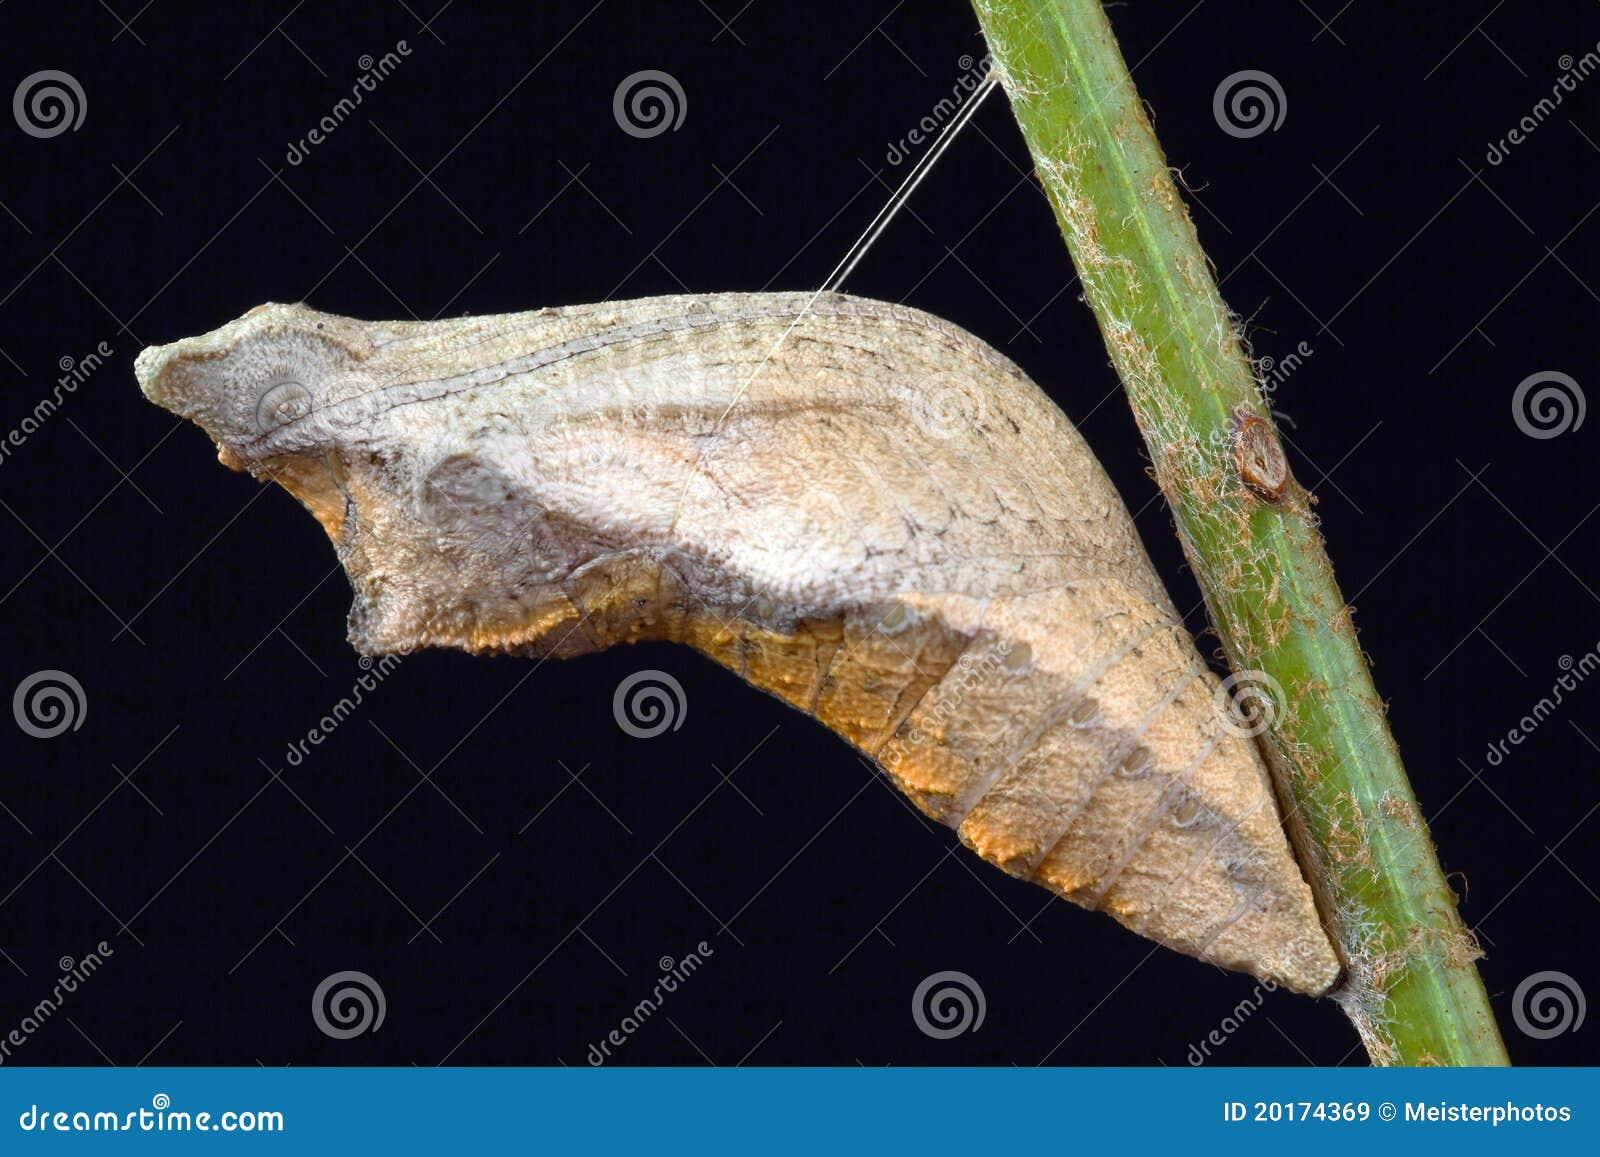 2个蝴蝶蛹swallowtail图片